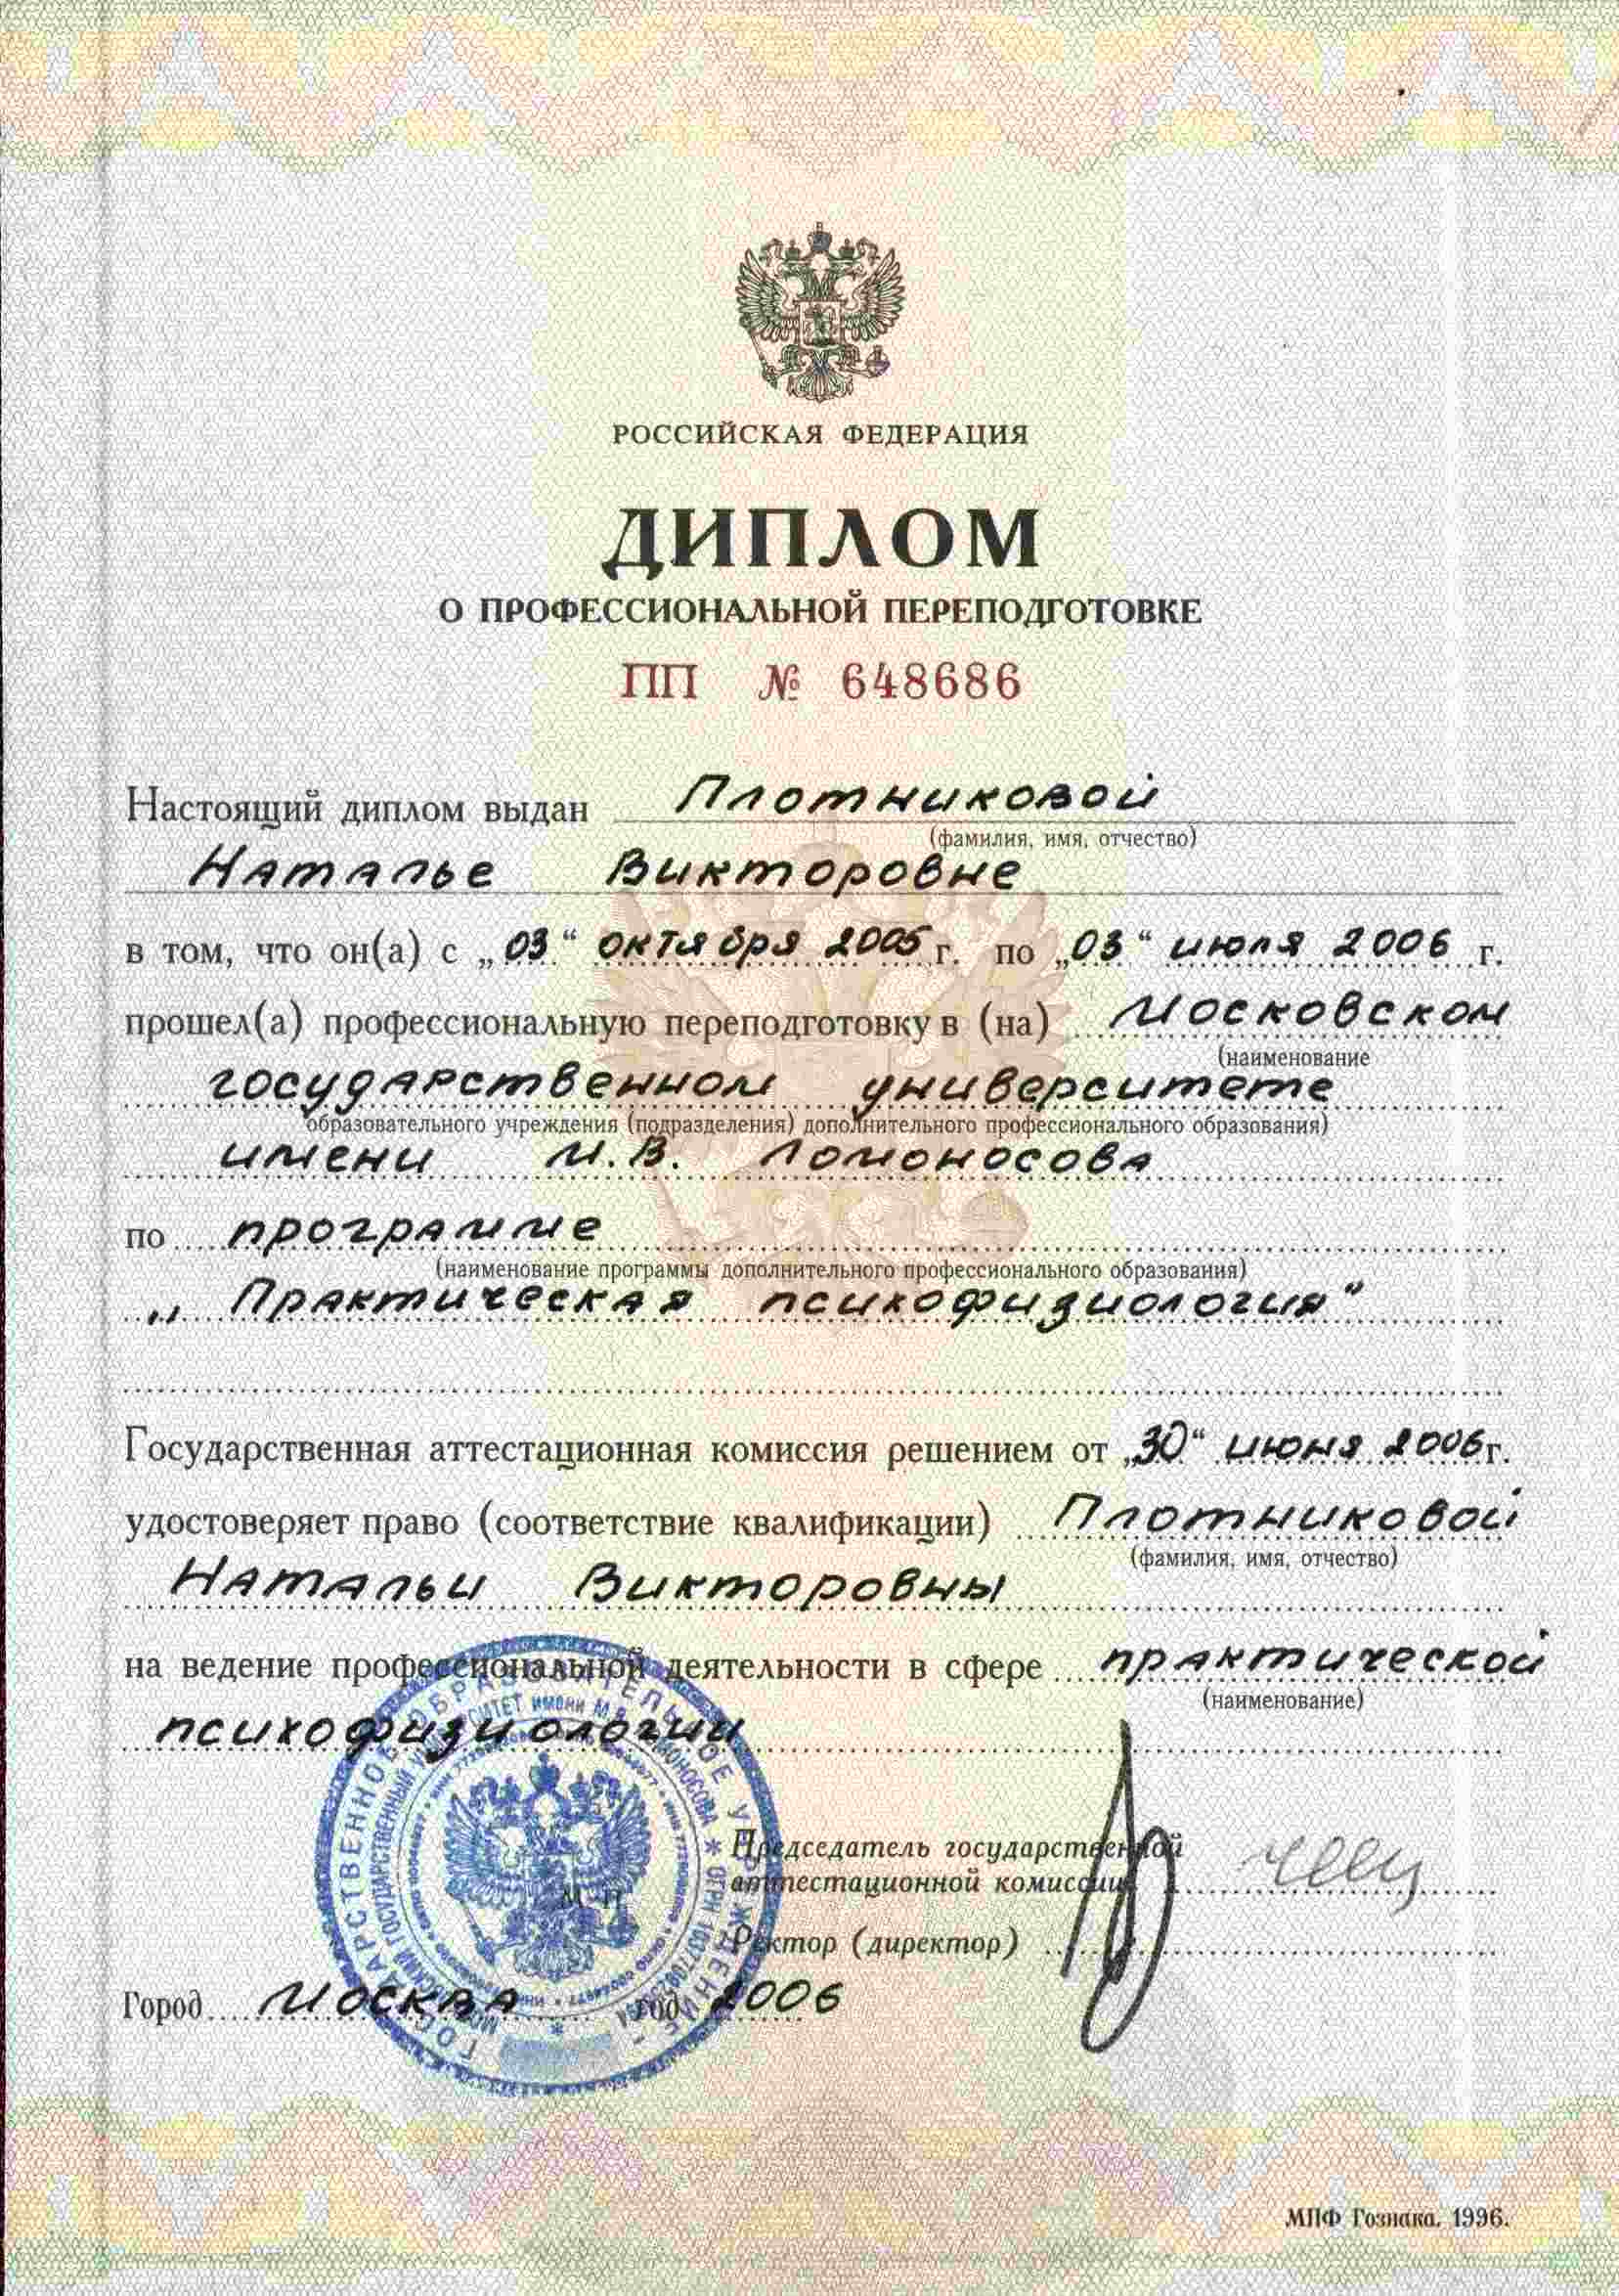 Diplom-004